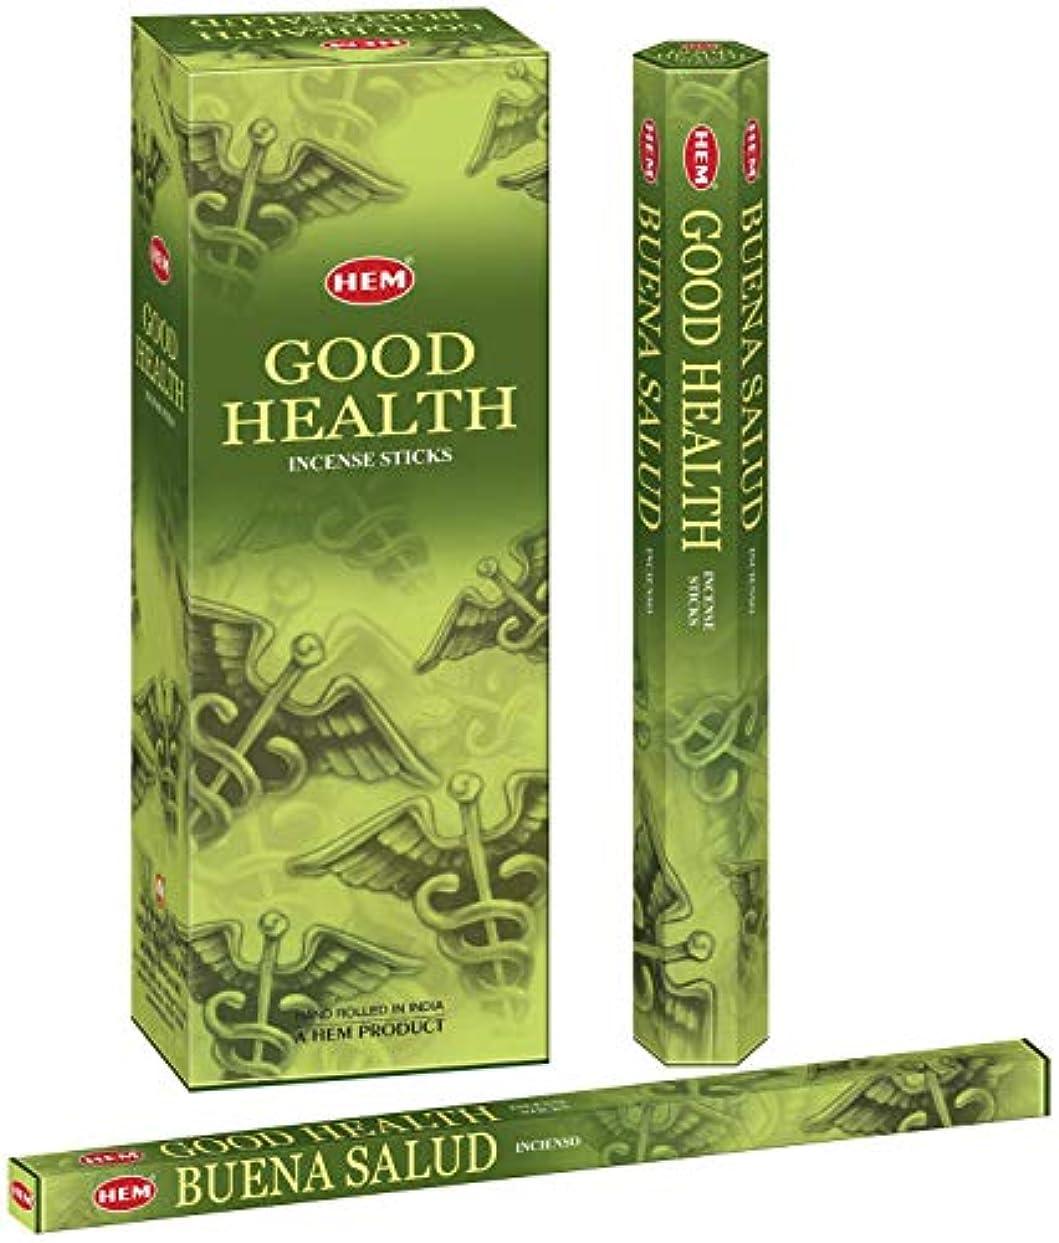 センサーピーブ不健康Hem Good Health Hand Rolled Incense Sticks - 120 Sticks